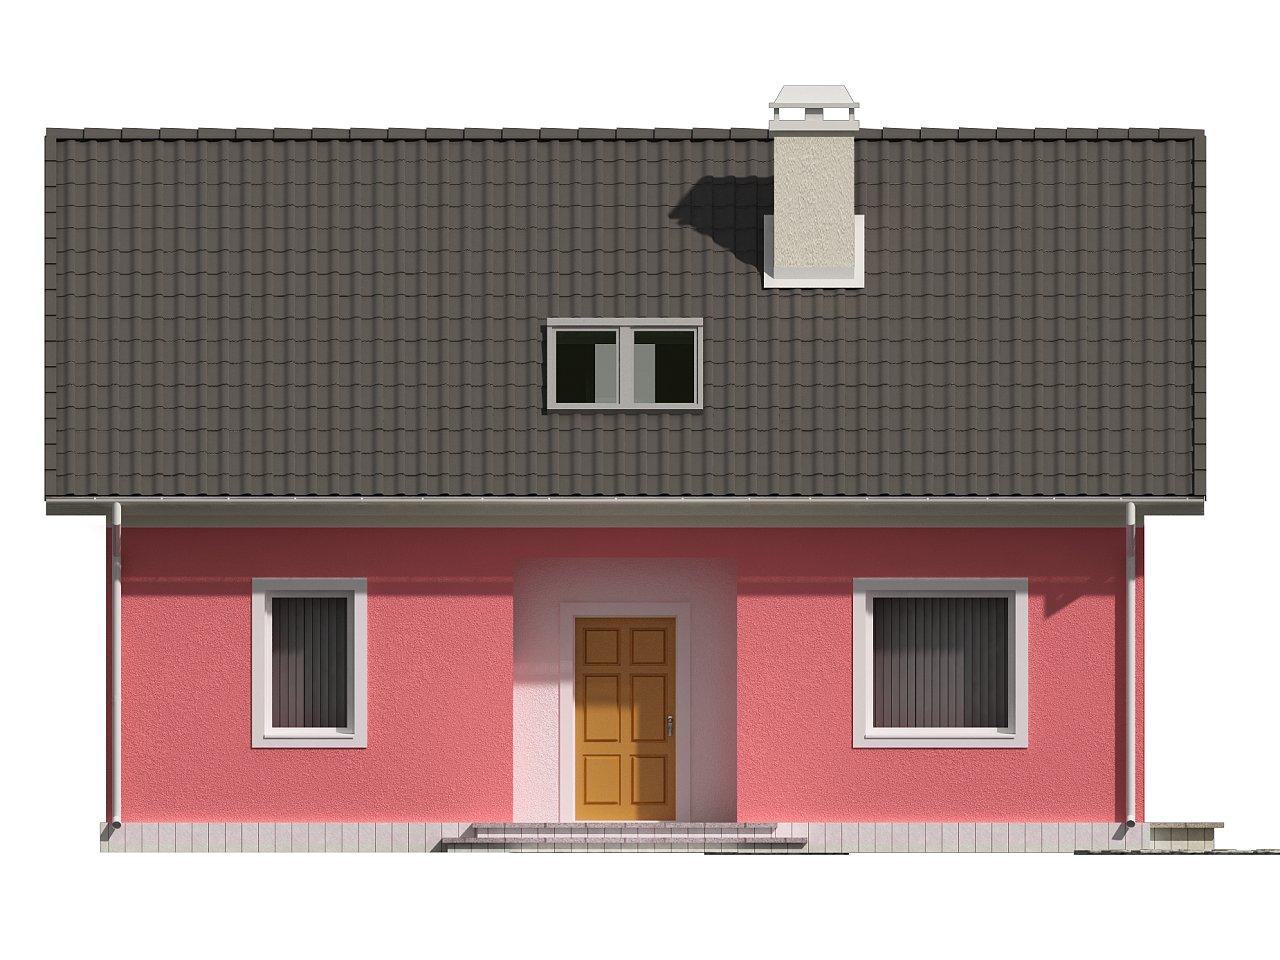 Практичный дом для небольшого участка, простой в строительстве, дешевый в эксплуатации. 21